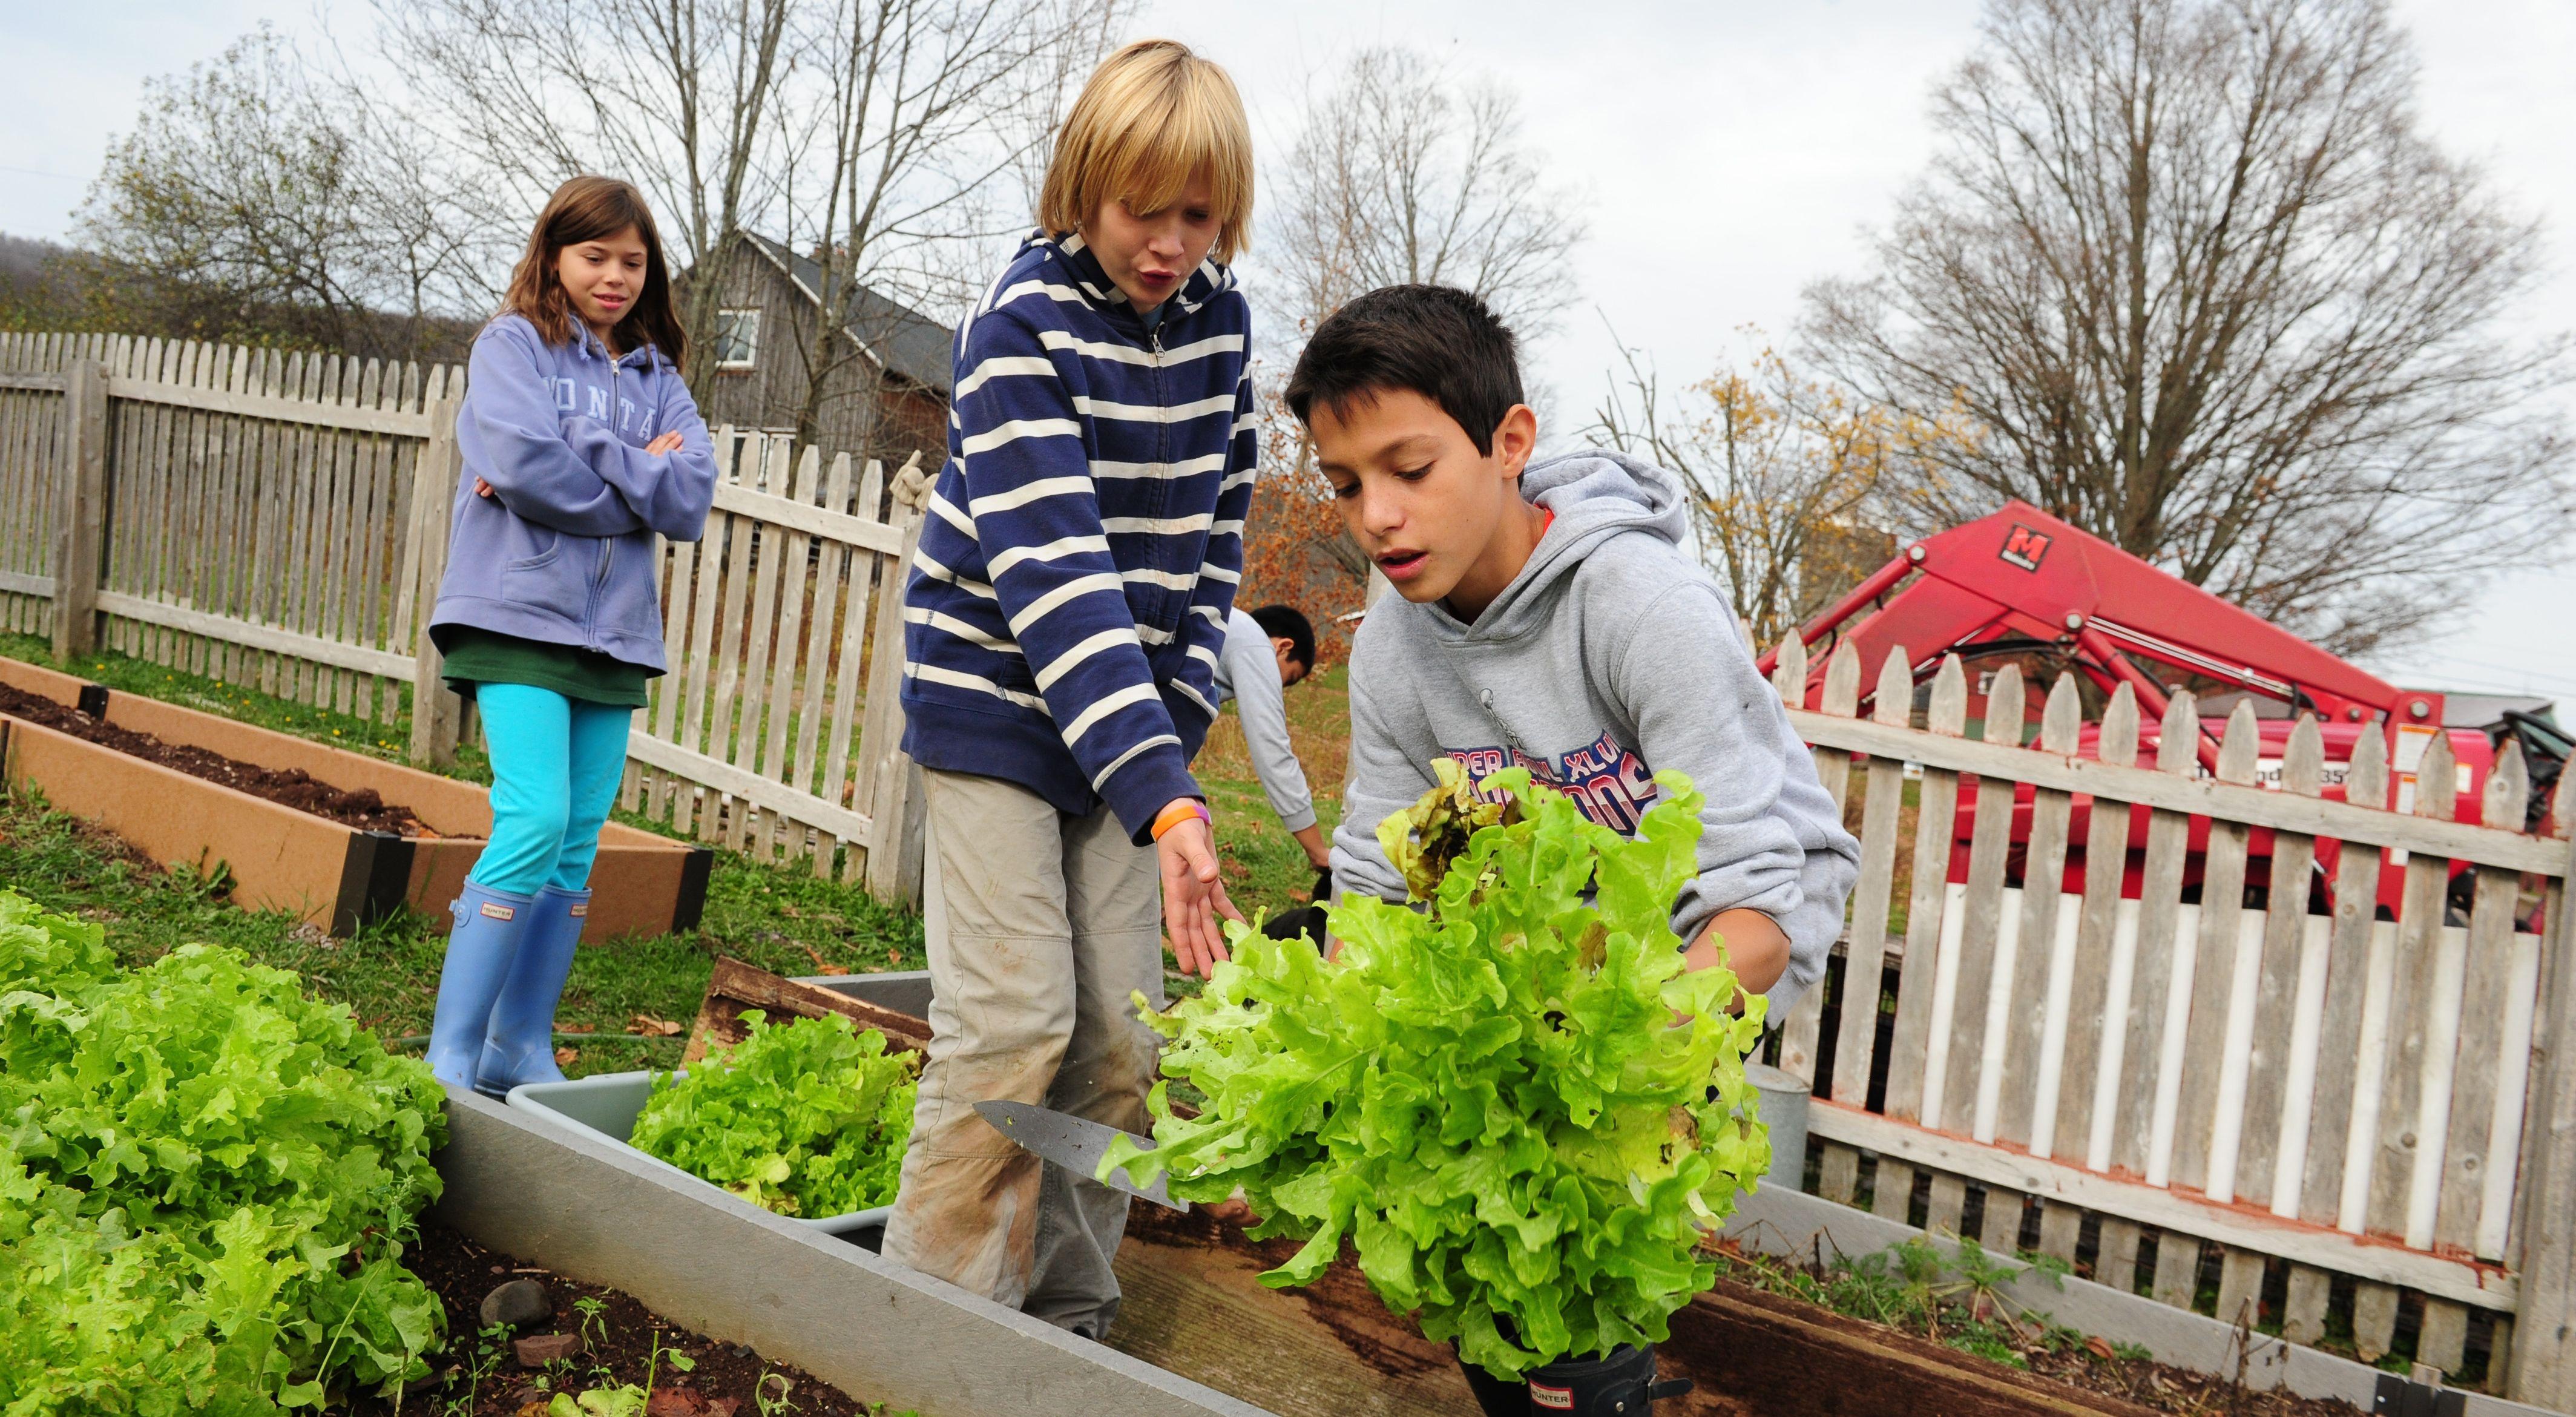 three children harvesting lettuce from a garden